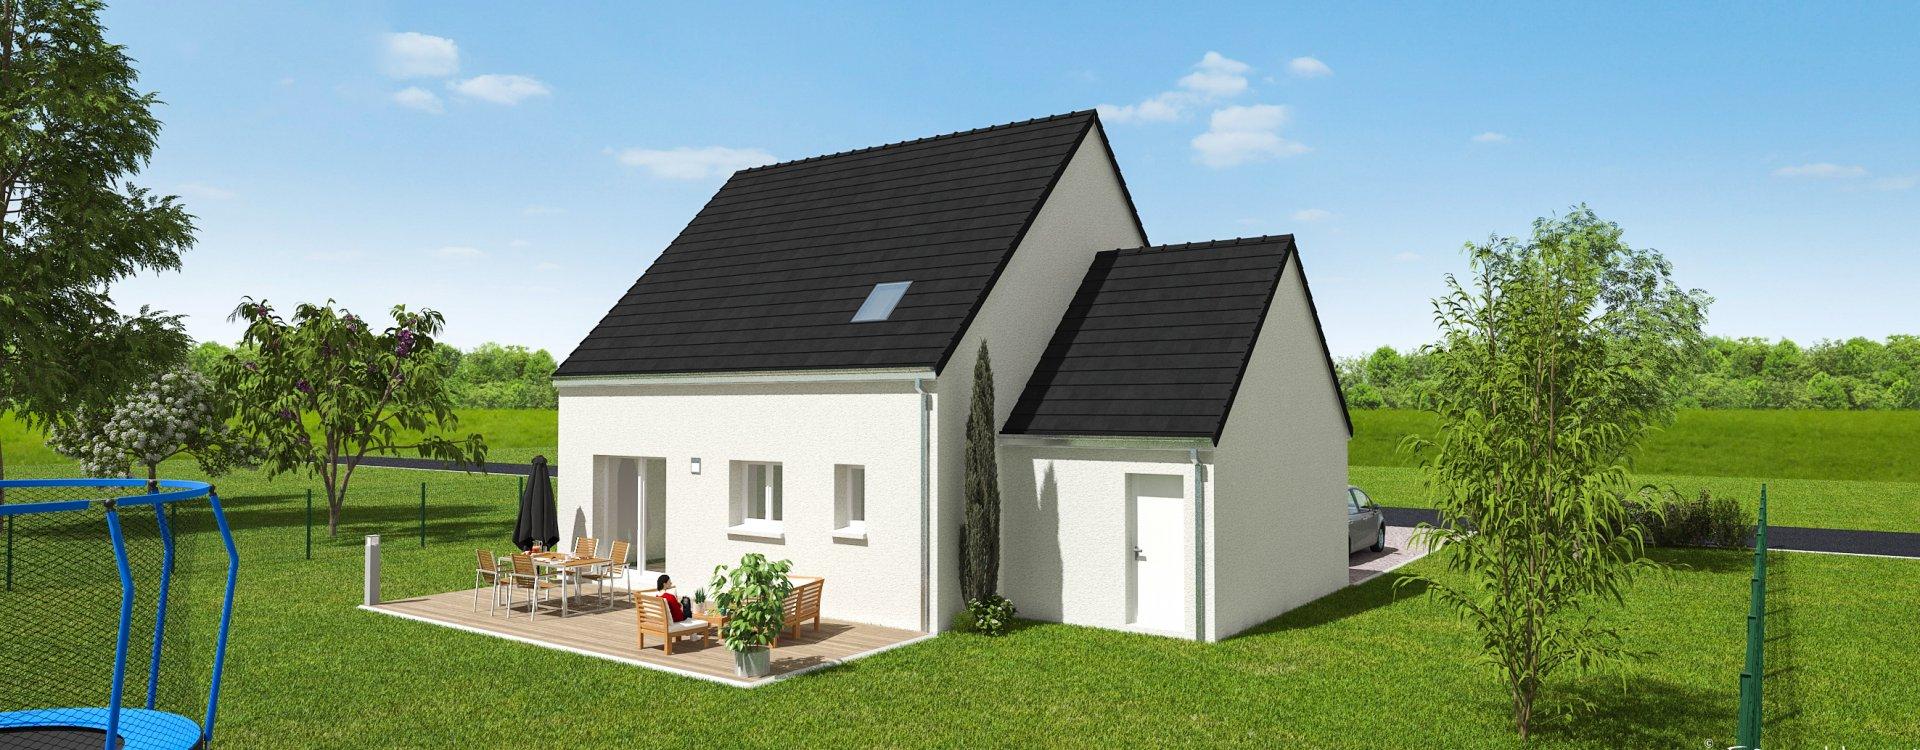 Maisons + Terrains du constructeur EASY HOUSE • 110 m² • SAINT BENOIT SUR LOIRE